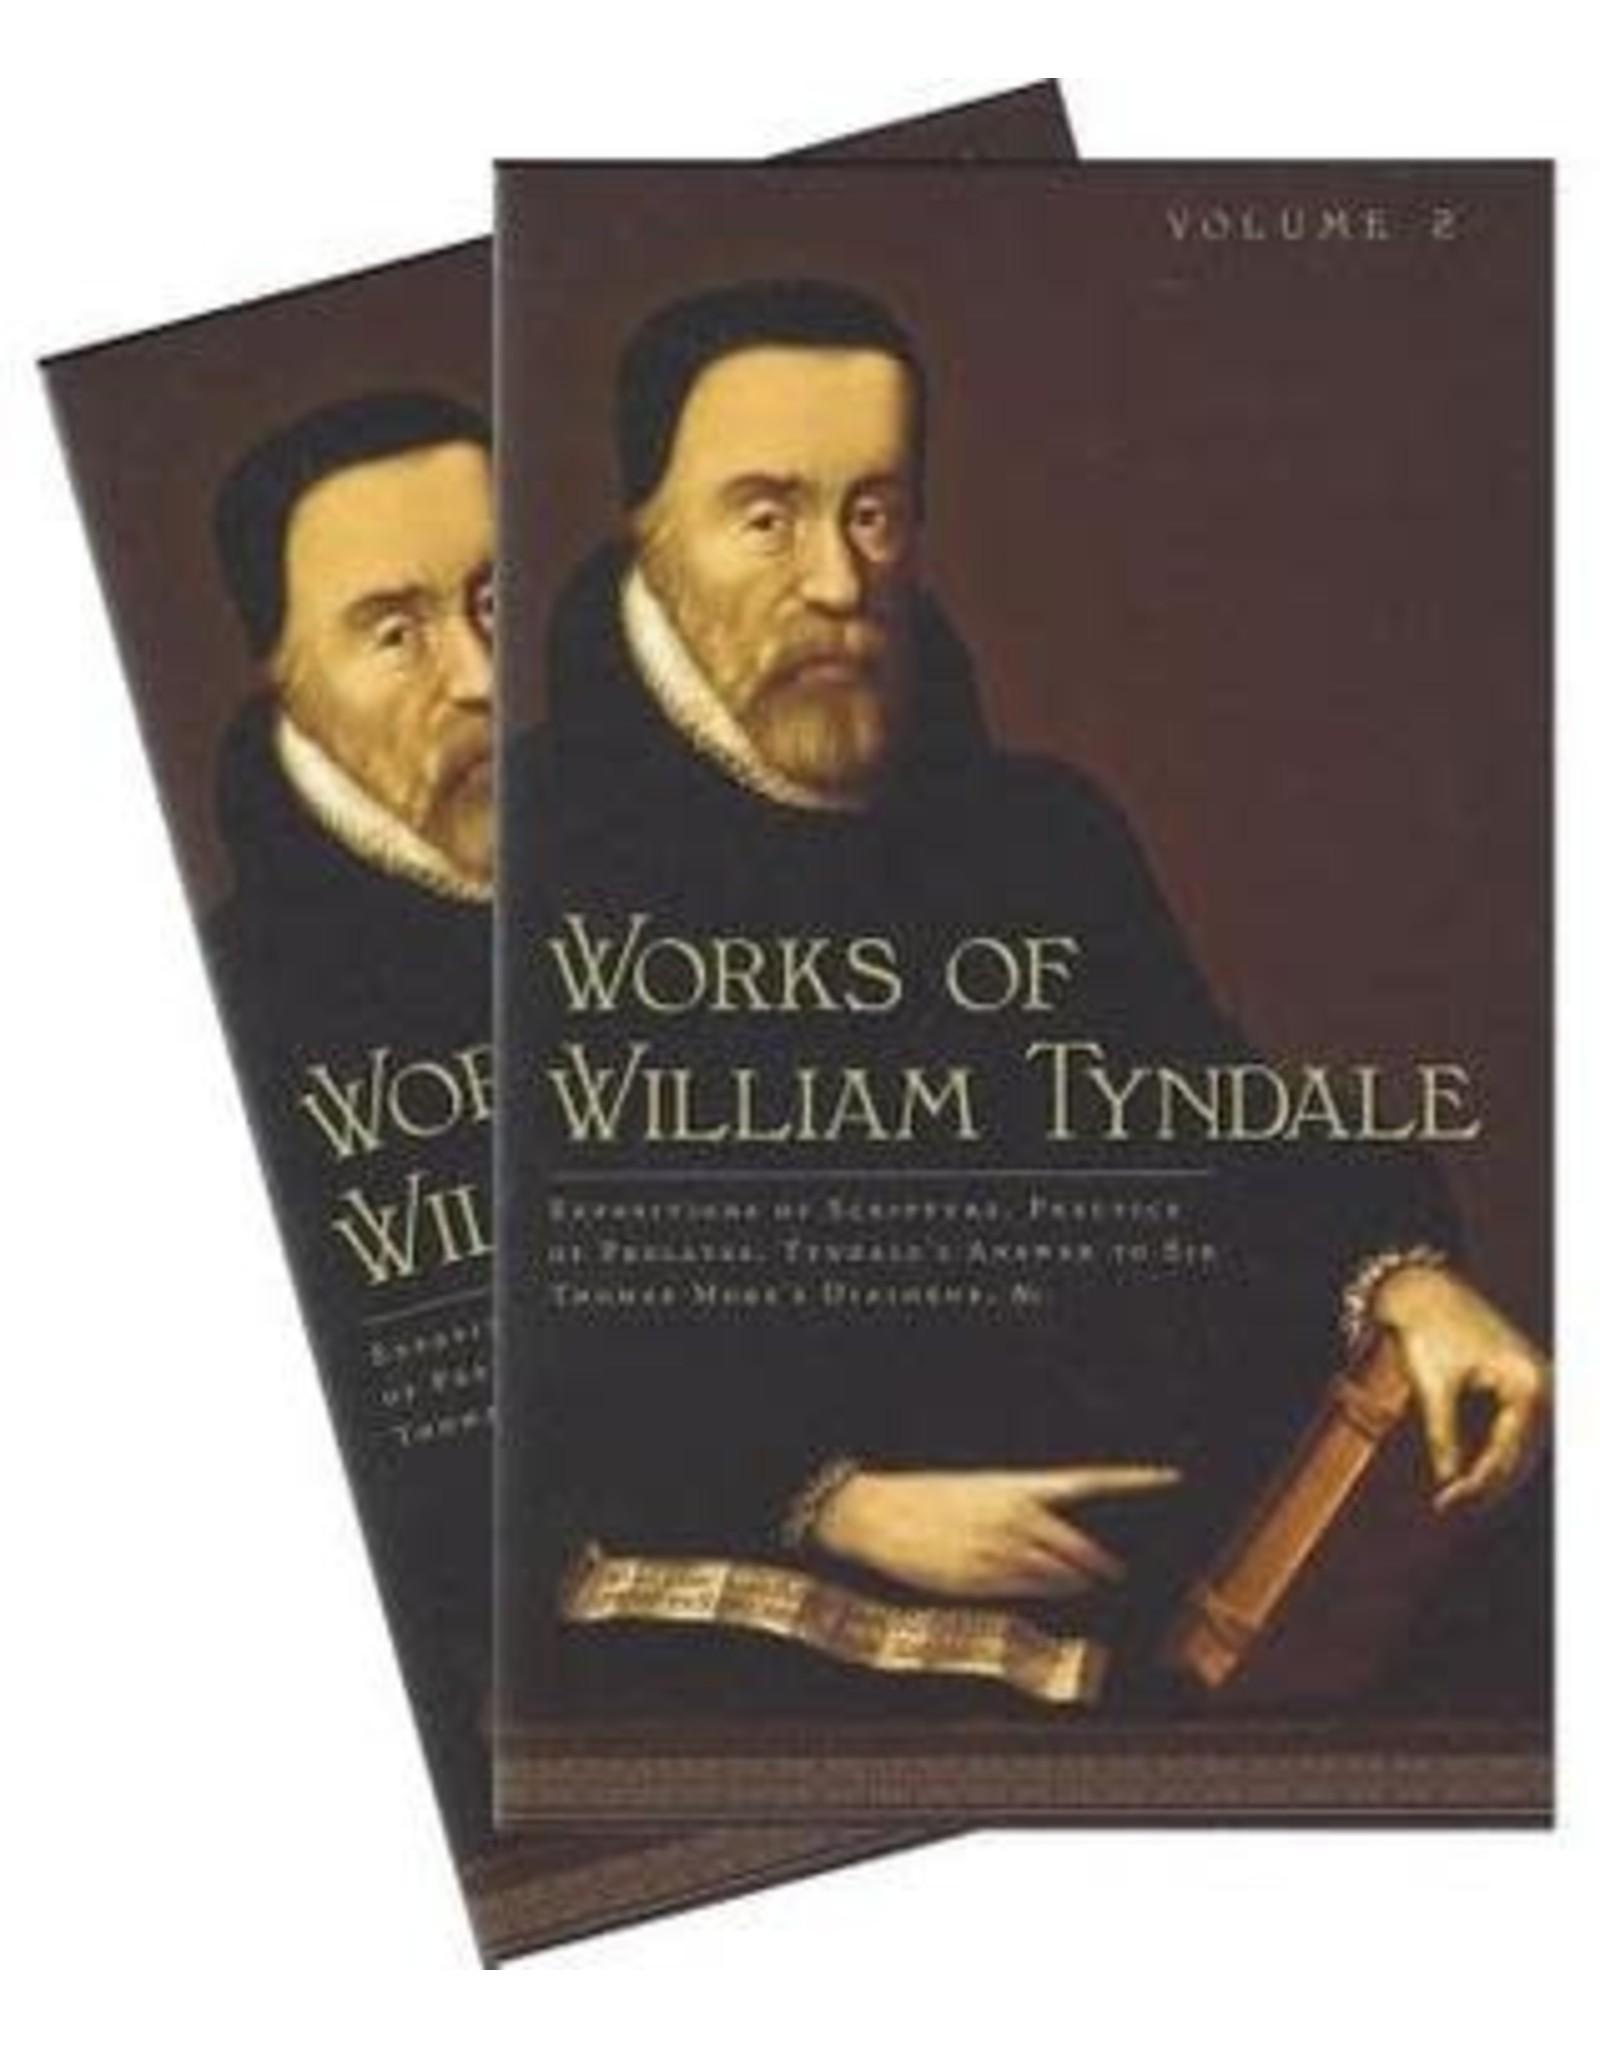 Tyndale Works of William Tyndale - Vol 2